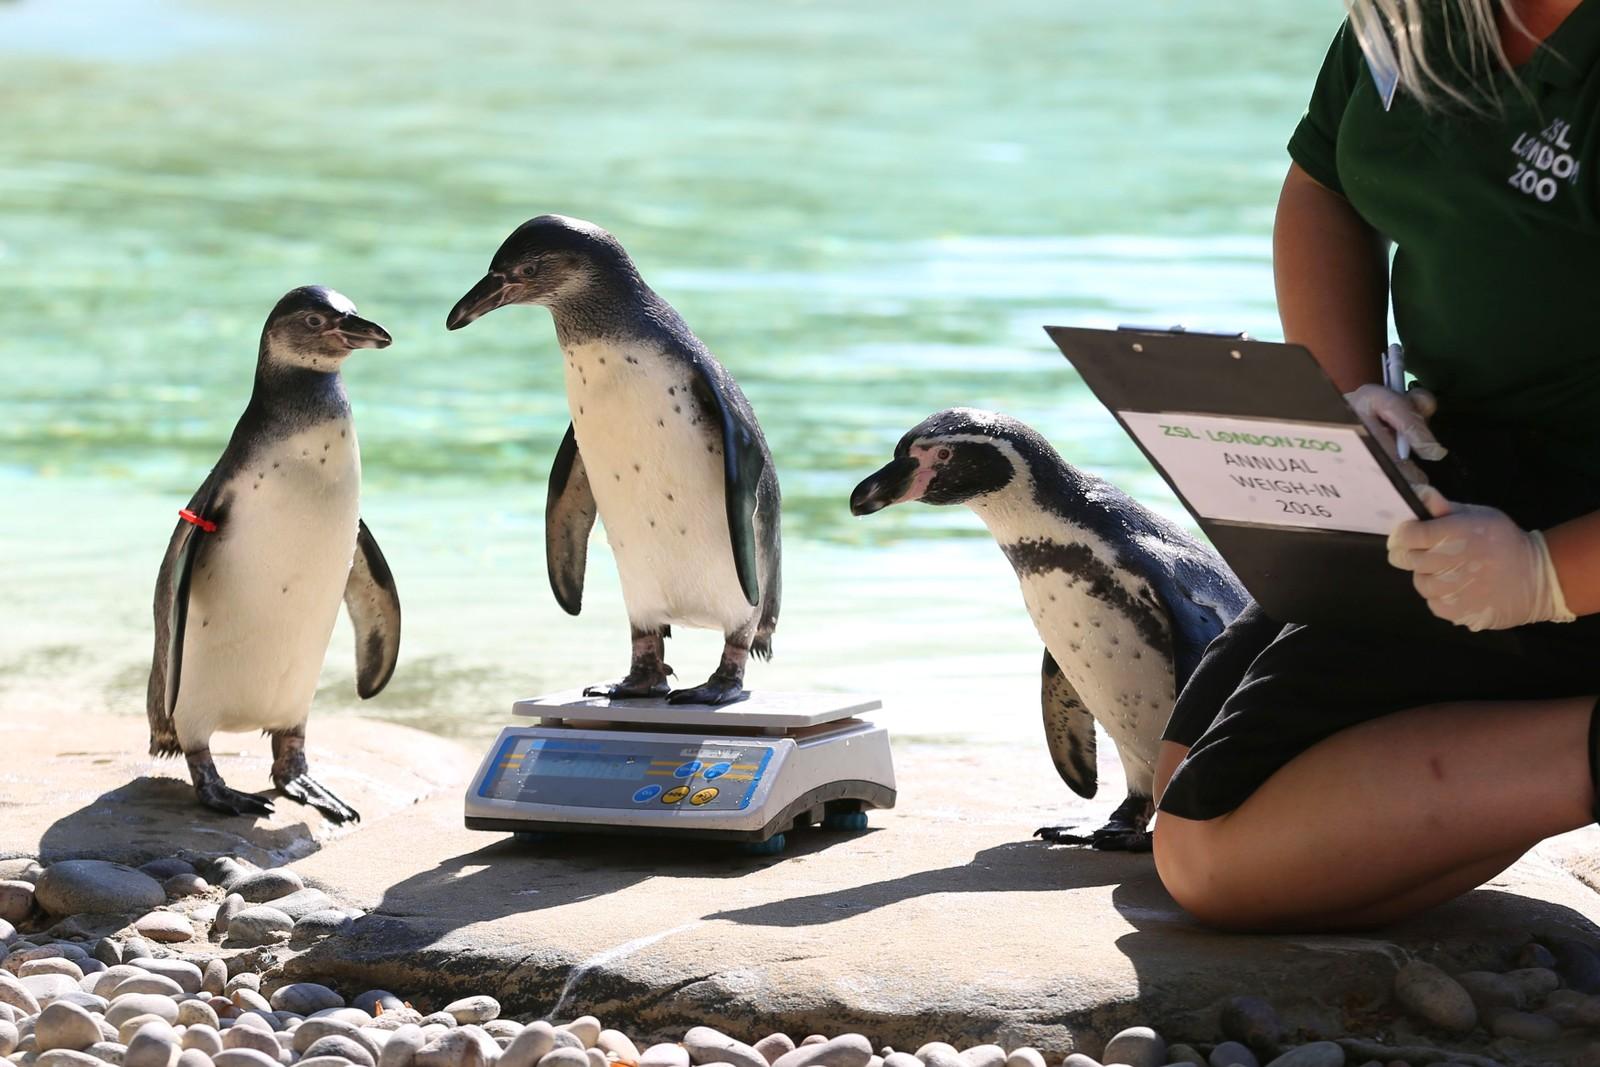 Pingvinen Bracchino må gjennom den årlige vektsjekken ved London Zoo i England den 24. august. Dette er verdens eldste vitenskapelige dyrepark og ble åpnet i 1828. Det er over 700 dyrearter her. Med jevne mellomrom måler dyrepasserne blant annet høyden og vekten til dyrene. Informasjonen deles med dyreparker over hele verden for å sammenligne data om truede dyrearter.